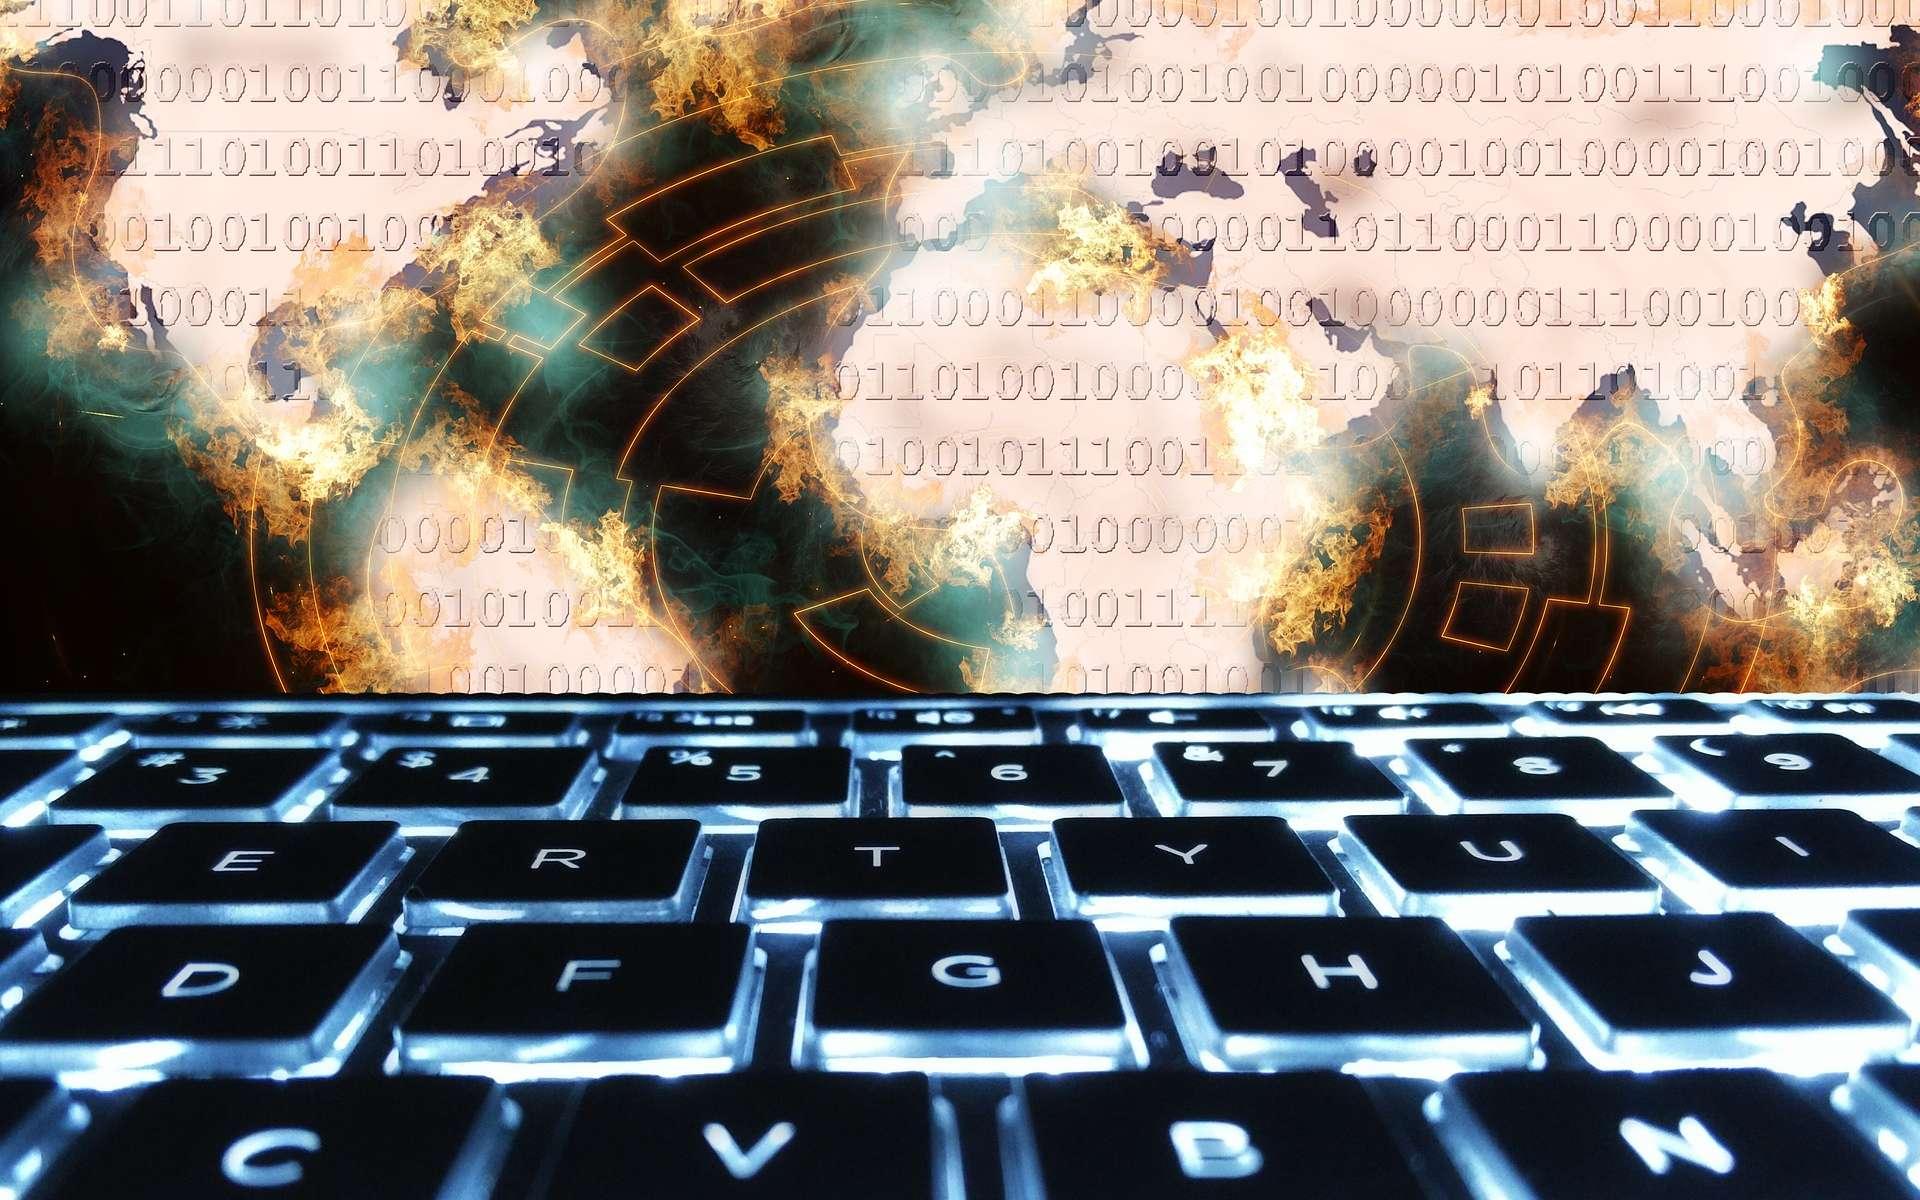 Souvent caché dans une pièce jointe vérolée, le ransomware modifie les extensions des fichiers pour que l'utilisateur ne puisse plus y accéder © Pete Linforth / Pixabay